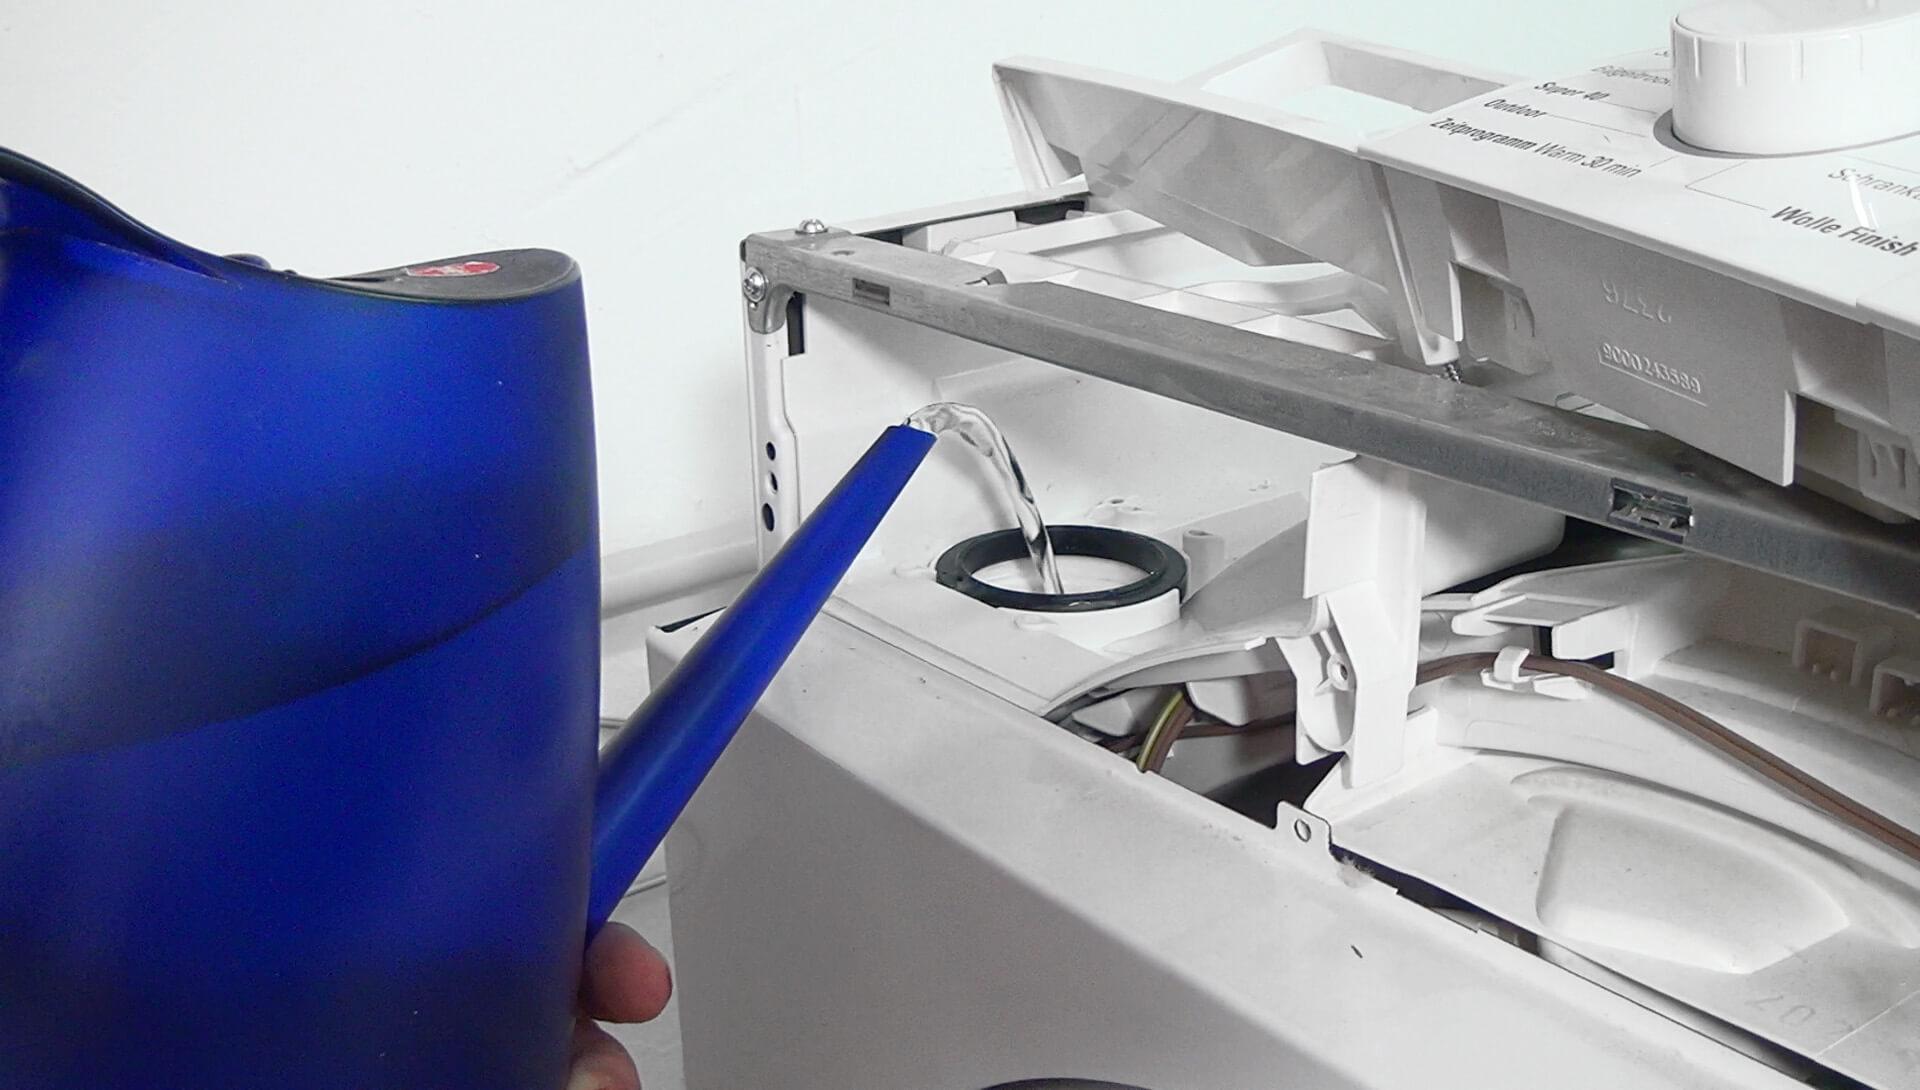 Gerät mit heißem Wasser befüllen